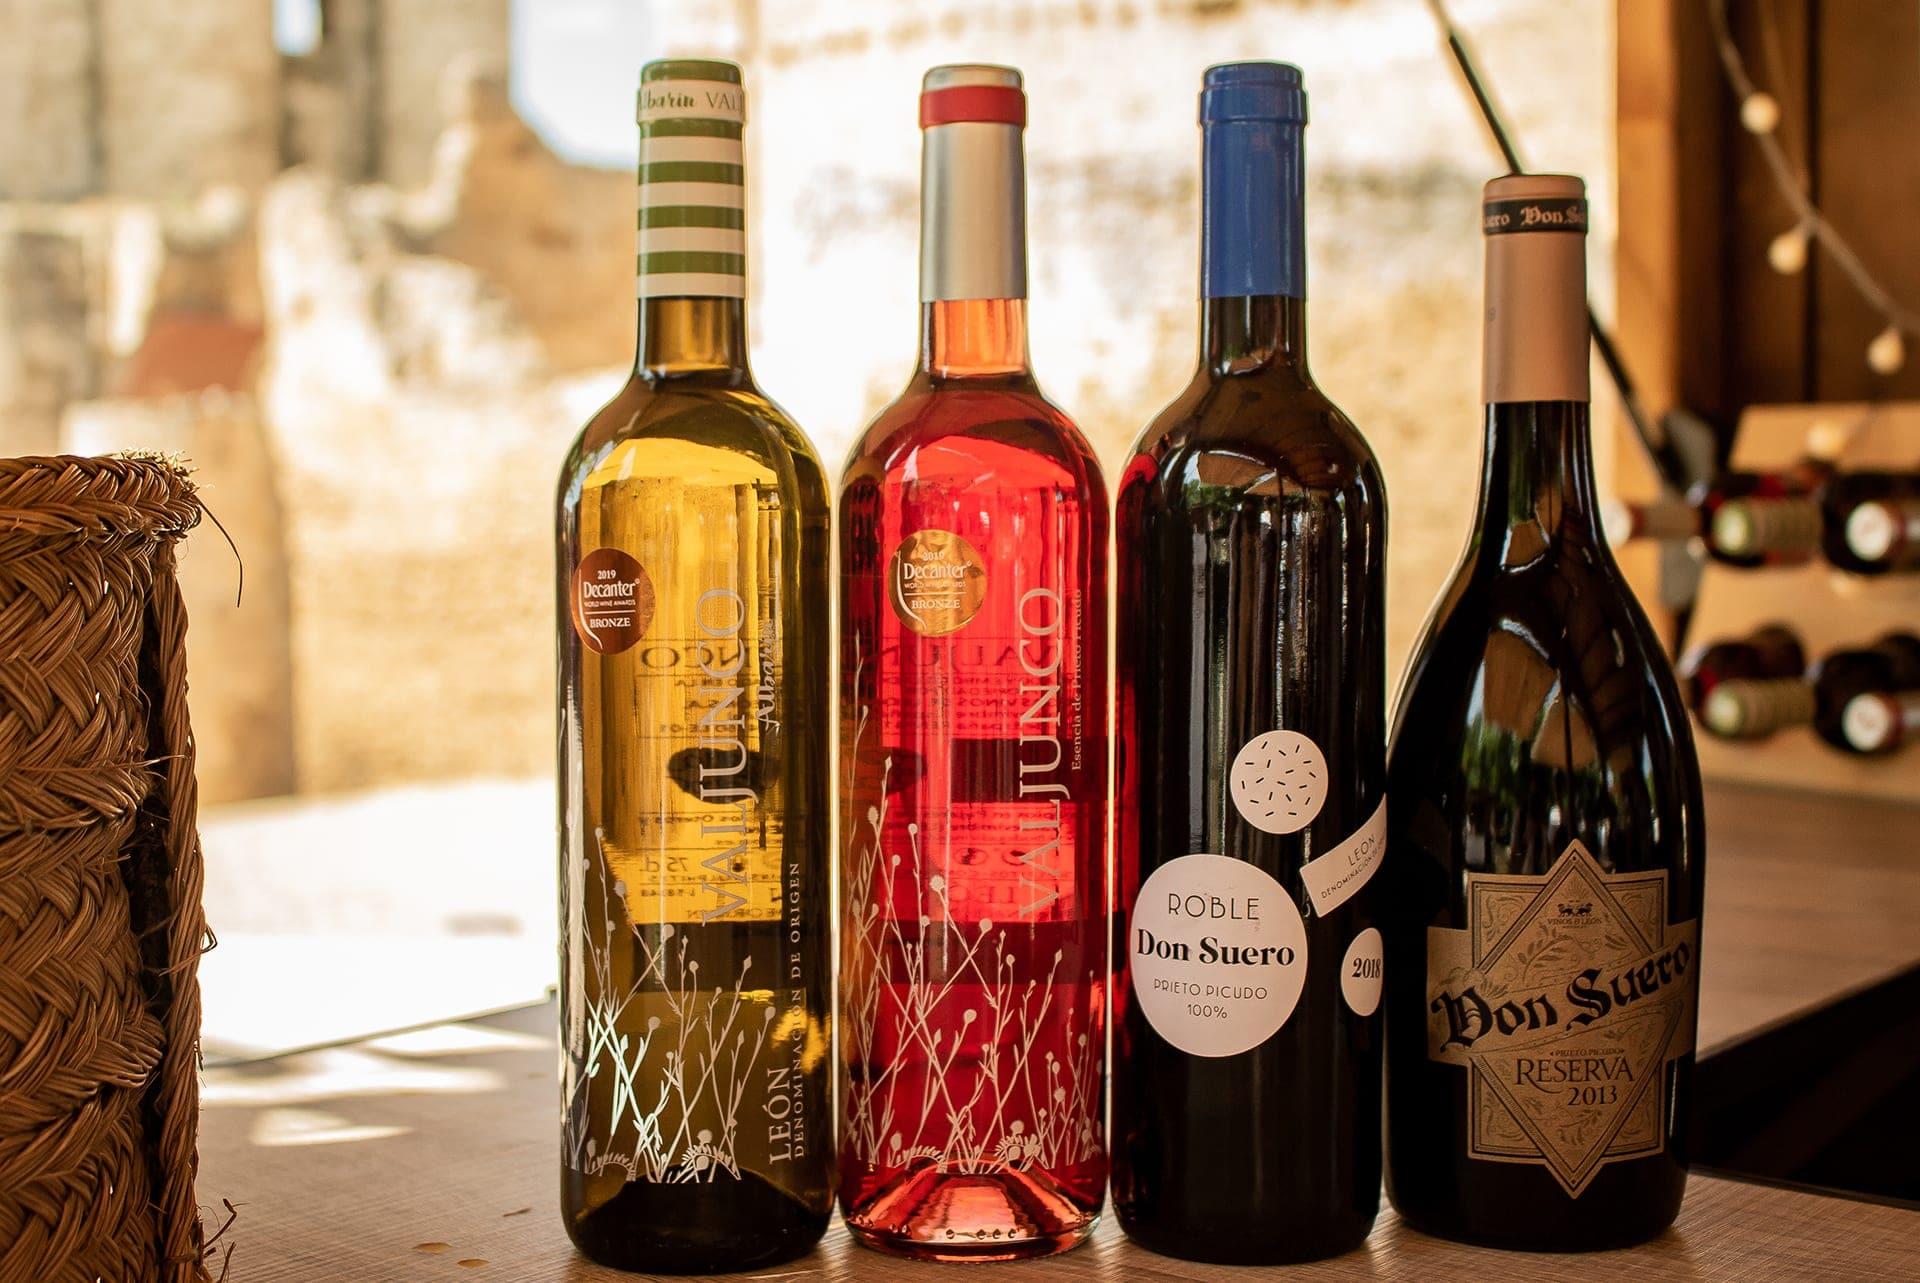 Valjundo y Don Suero de Bodegas Vinos de León